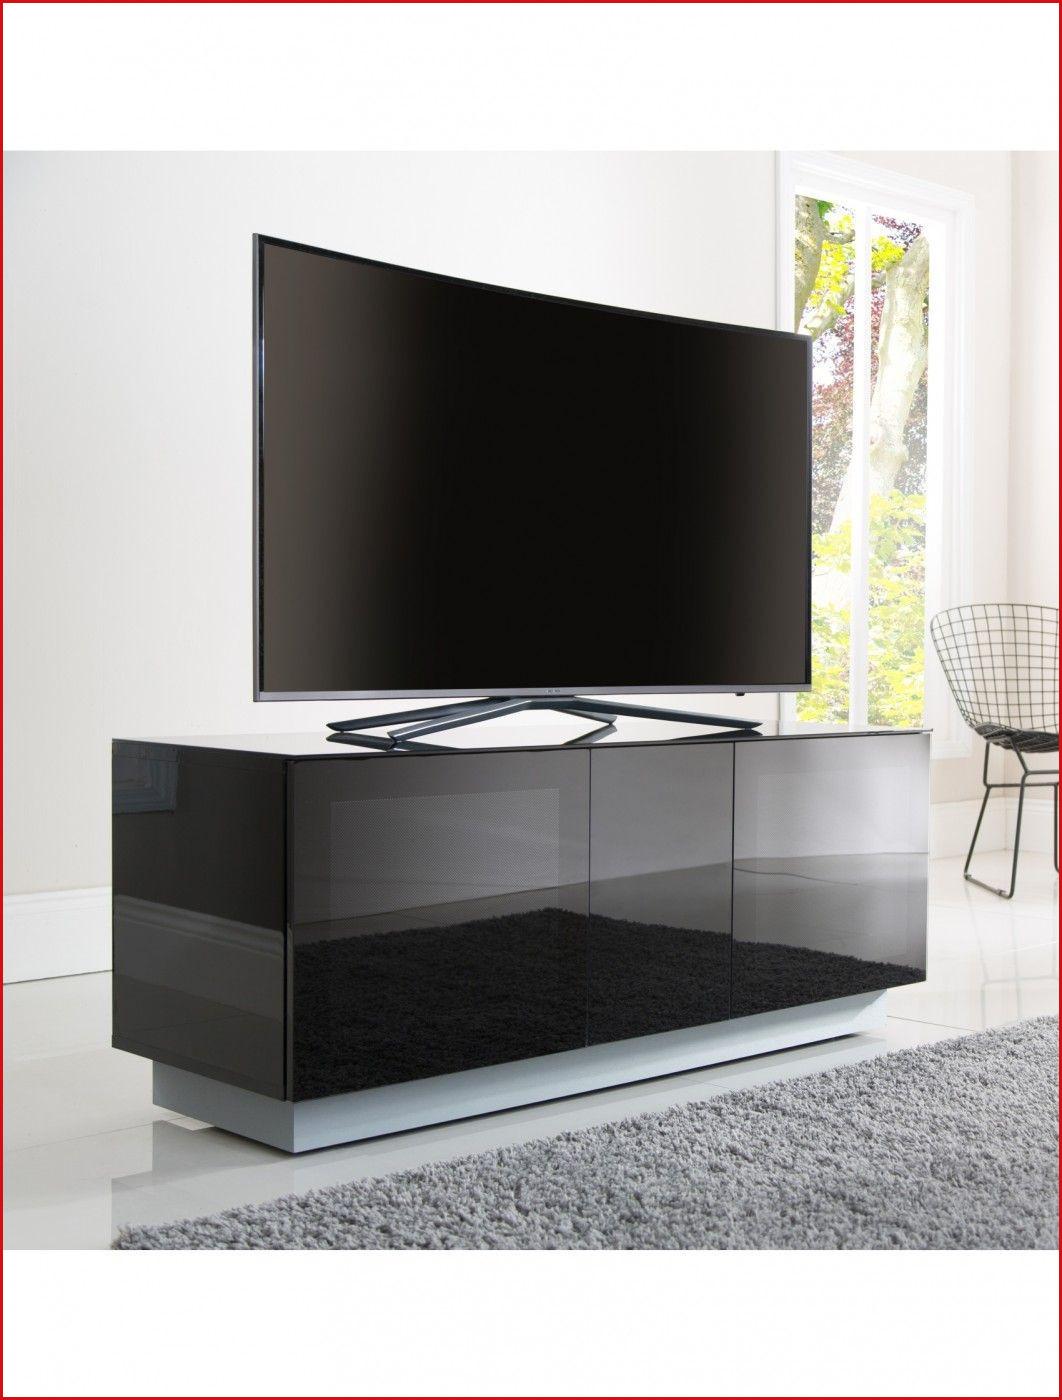 Meuble darty tv